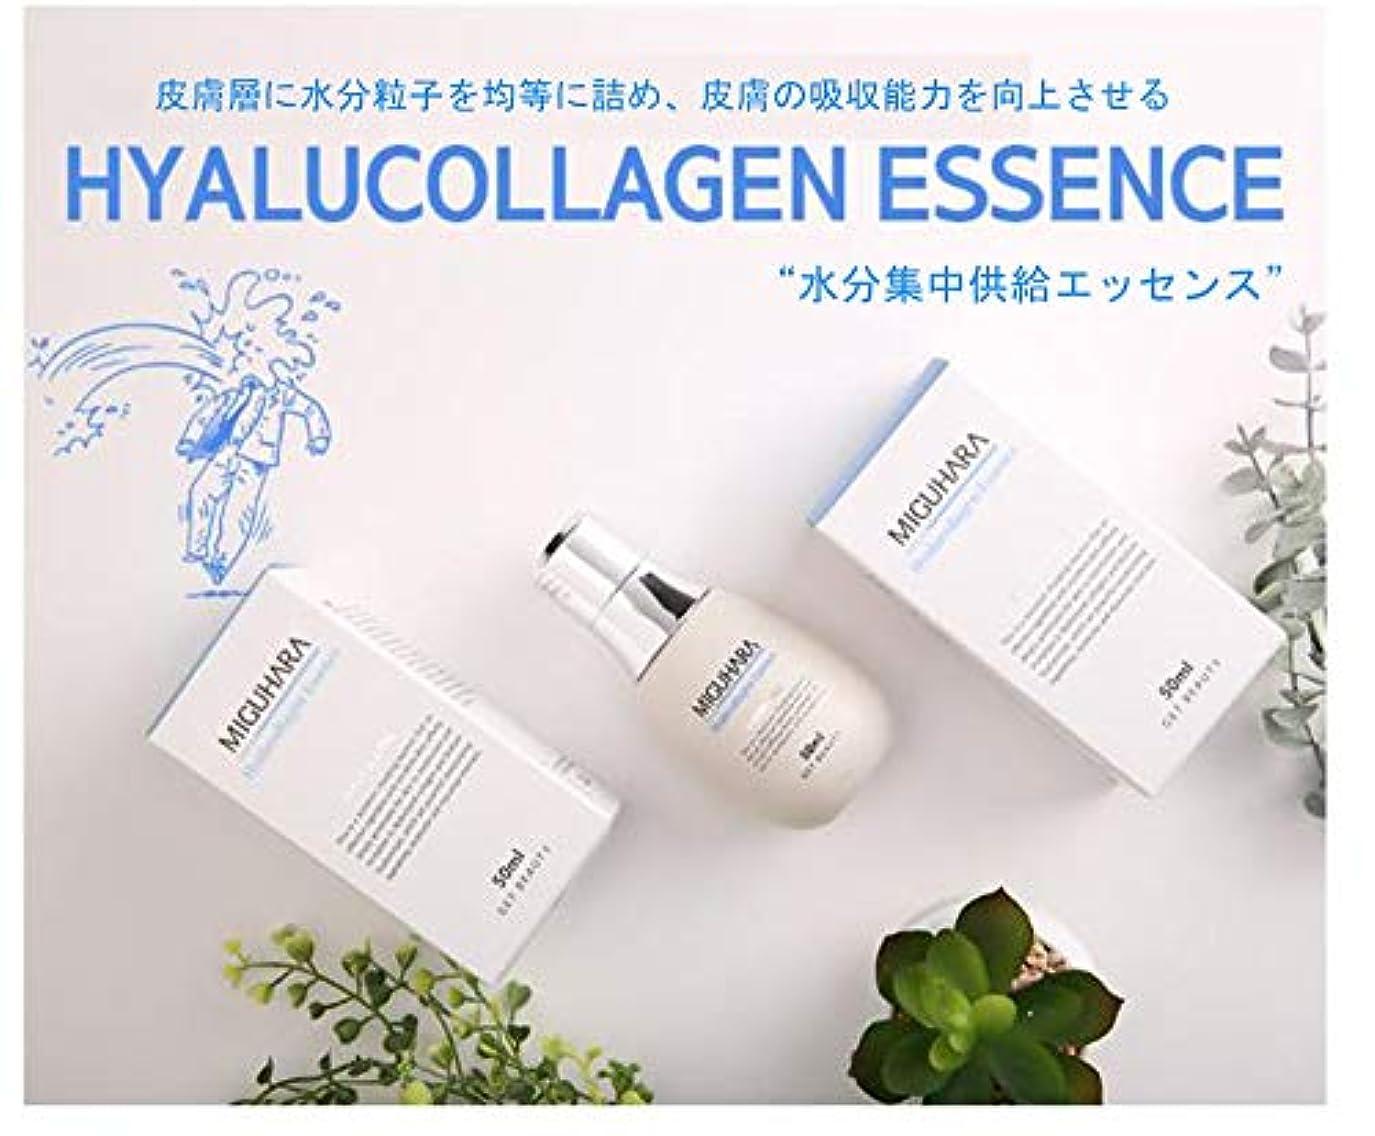 入札作曲家任命するMIGUHARA Hyalucollagen Essence 50ml /ヒアルロンコラーゲンエッセンス 50ml